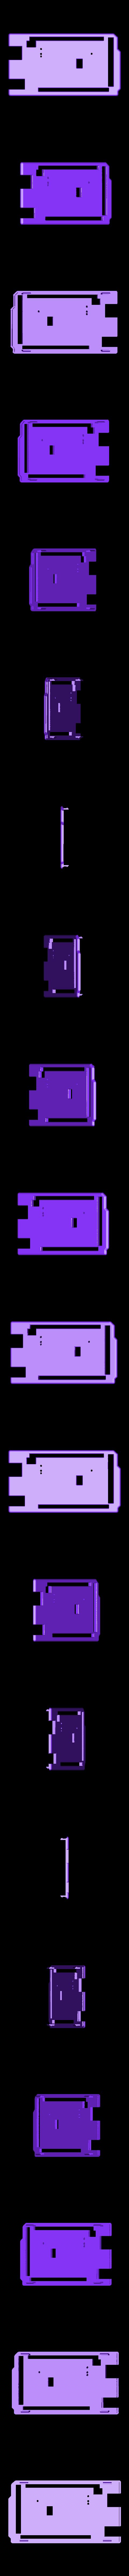 ArduinoMega_Case_Top.stl Télécharger fichier STL gratuit Arduino Mega étui confortable • Plan pour imprimante 3D, Obenottr3D